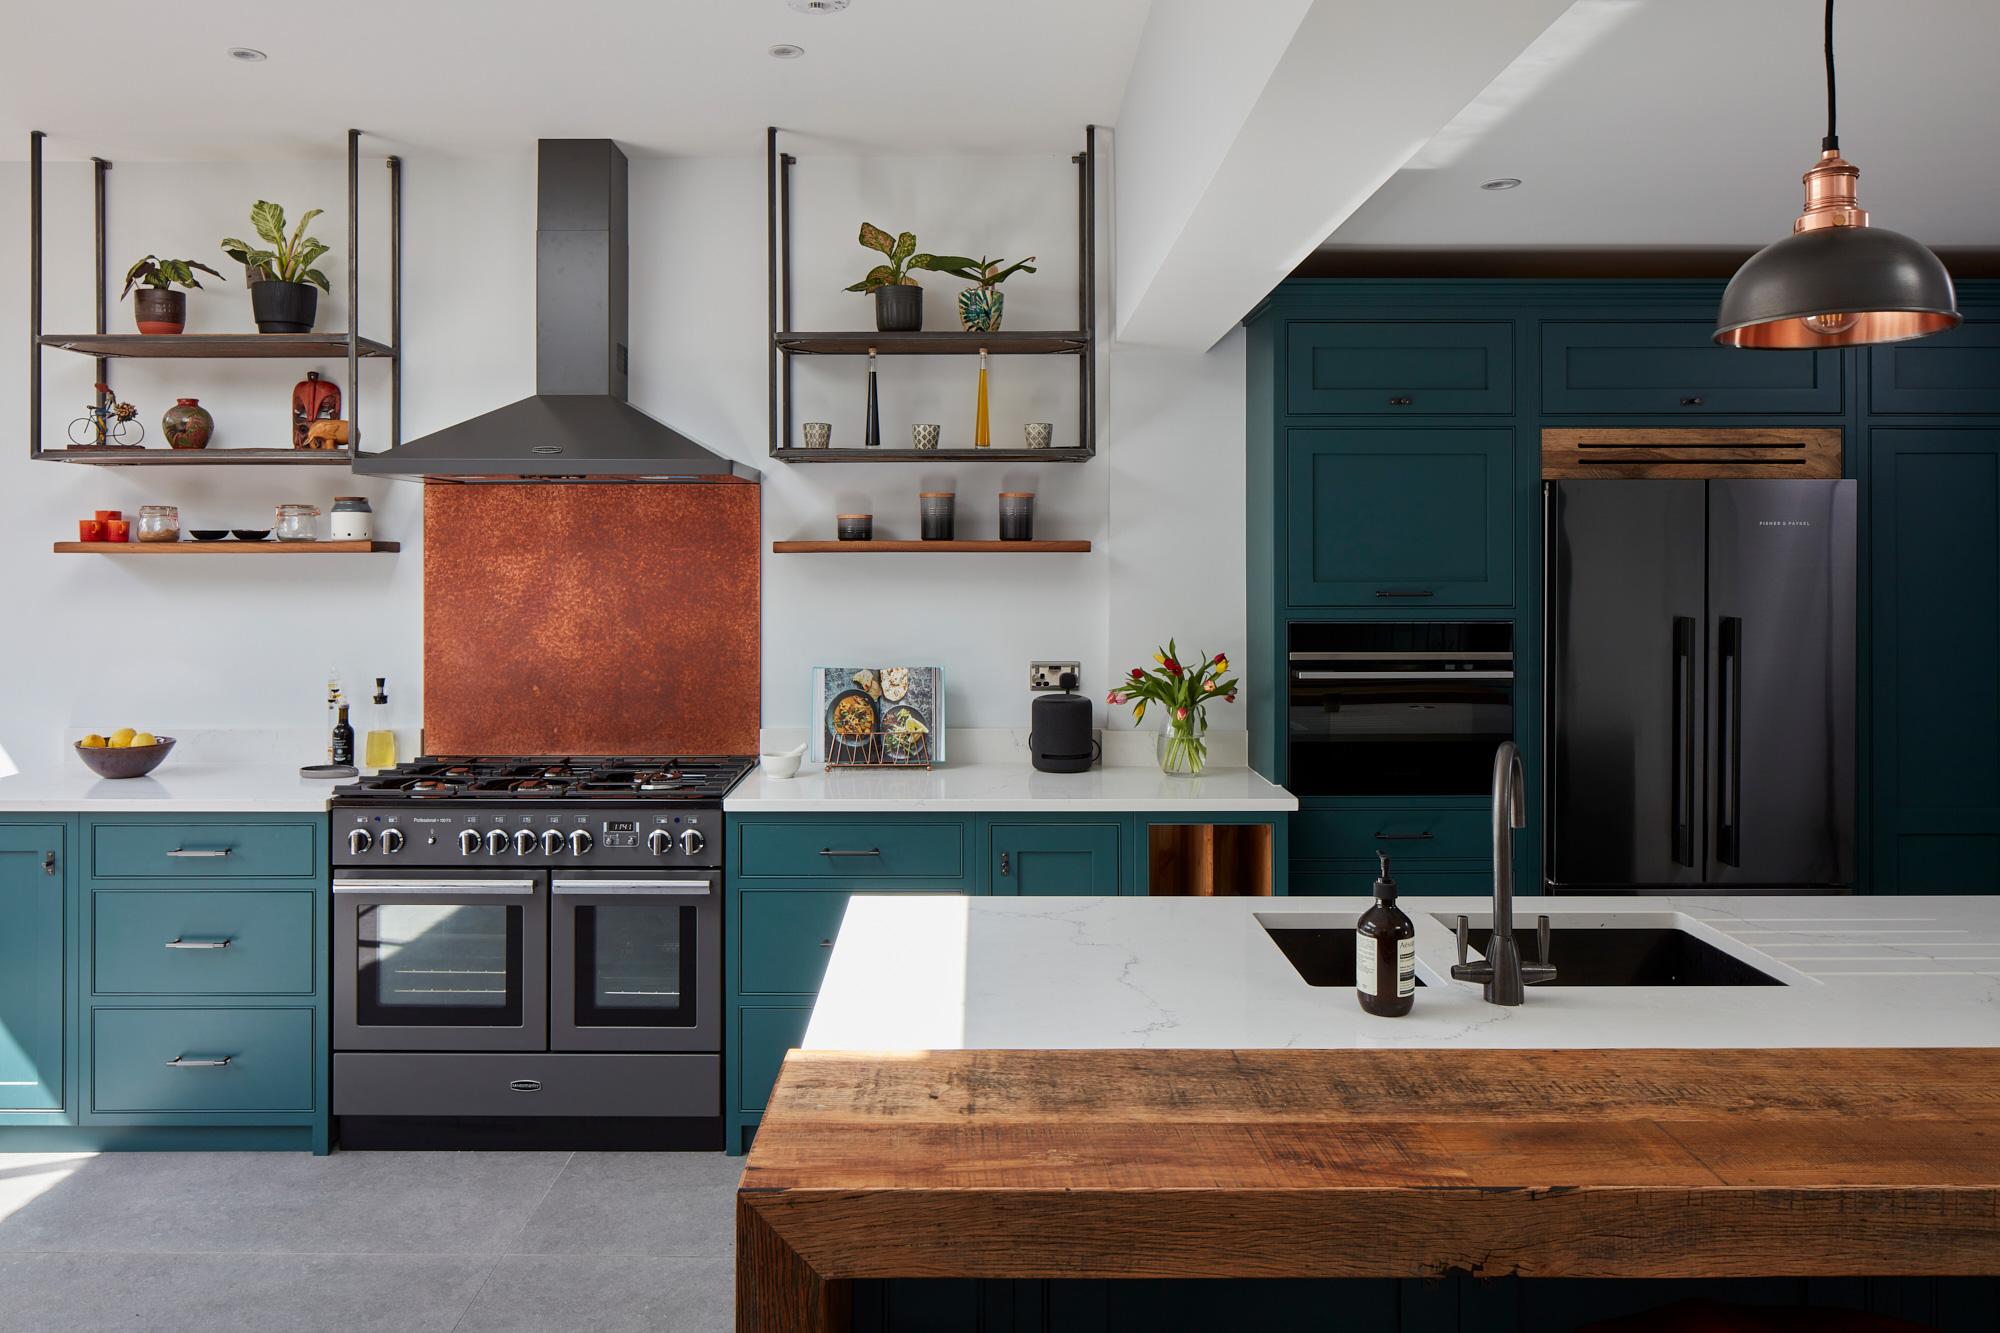 Copper back splash behind range cooker